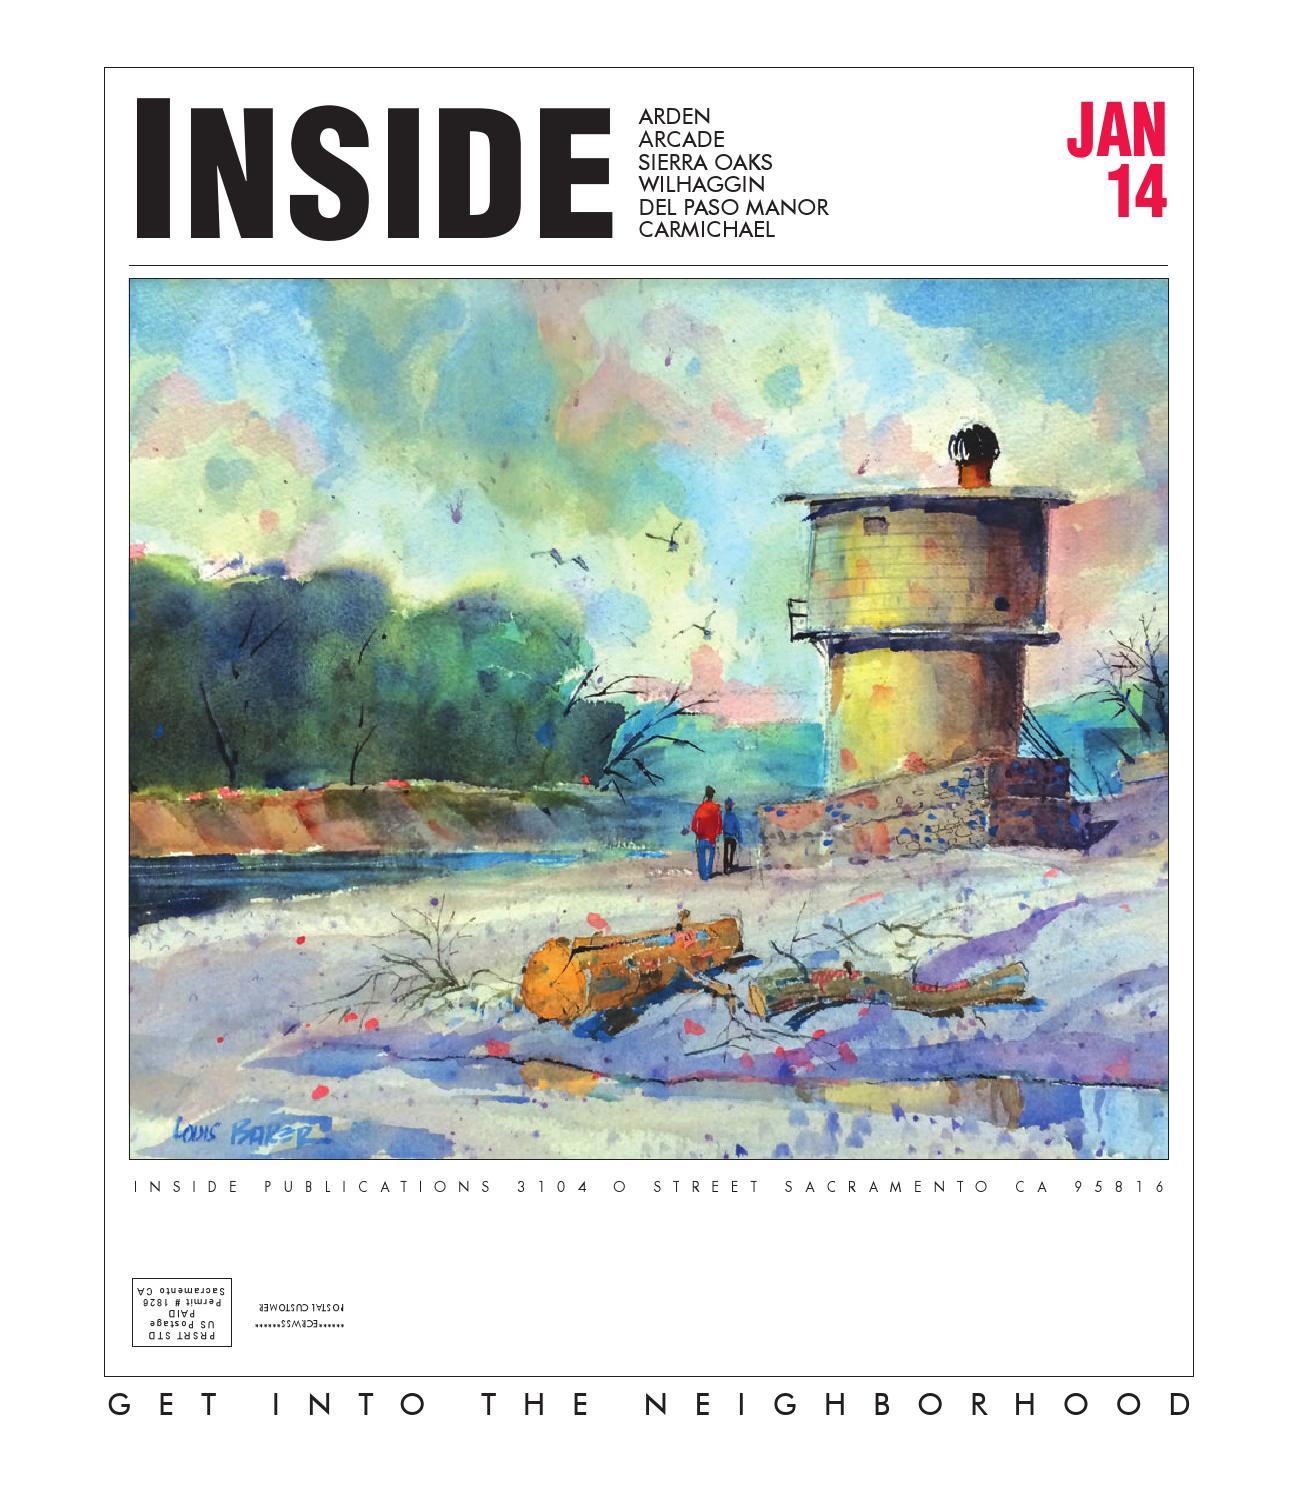 Inside arden jan 2014 by Inside Publications - issuu